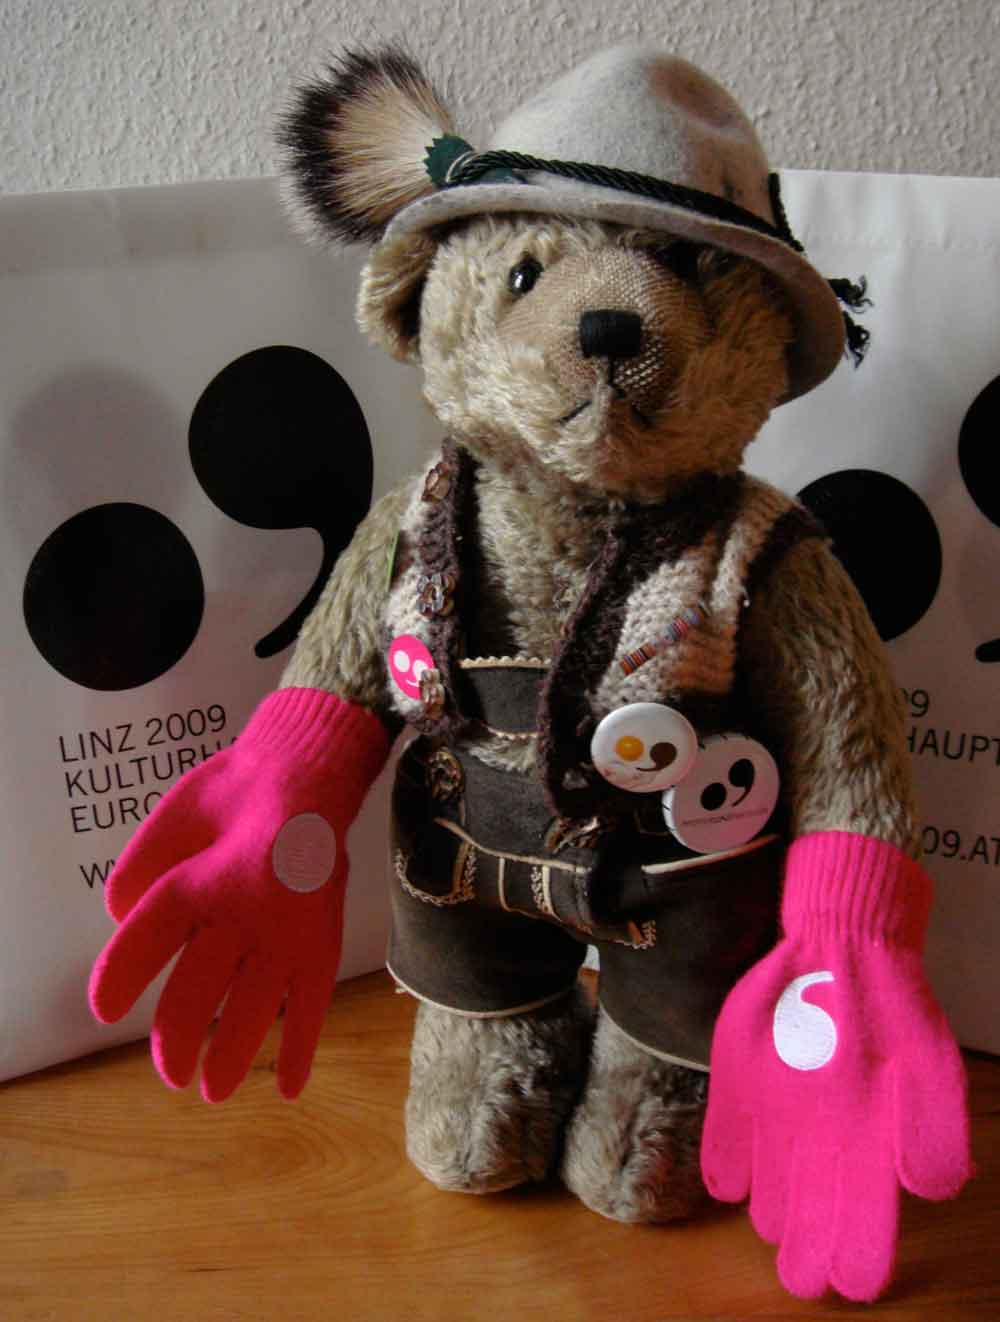 Arktos Der Linz 09 Br Wrist Bear Pink